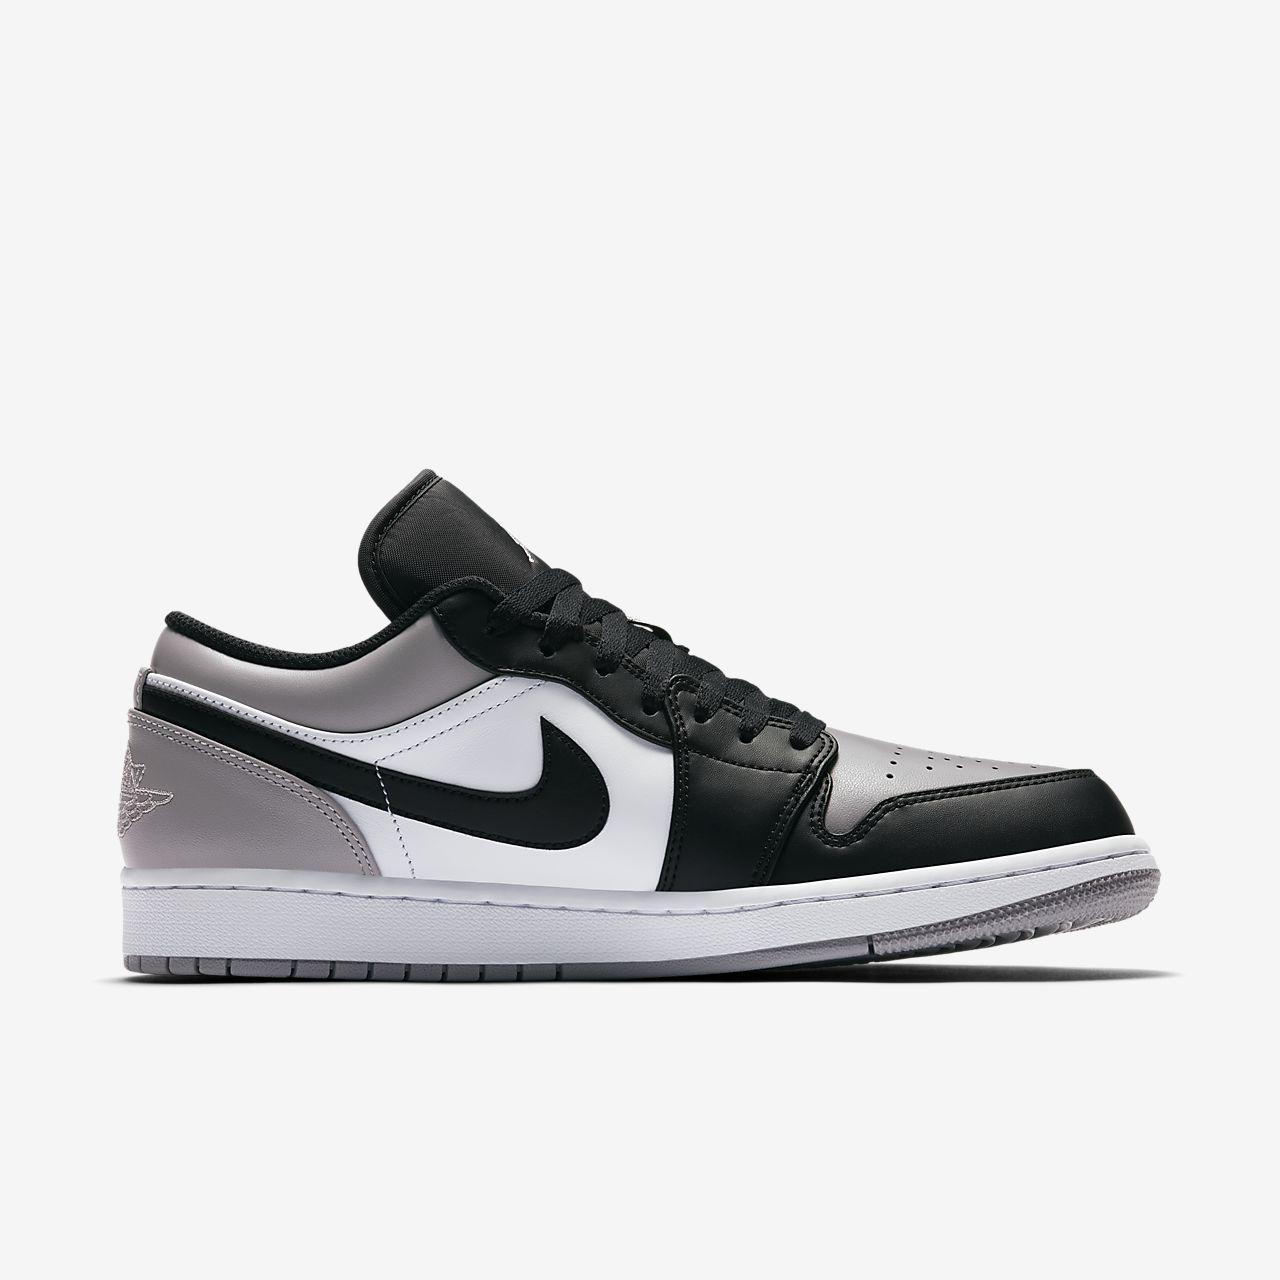 reputable site 69b99 8bfb2 Air jordan 1 i retro basket low cemento negro varsity rojo gray blanco  es74057 zapatos comprar